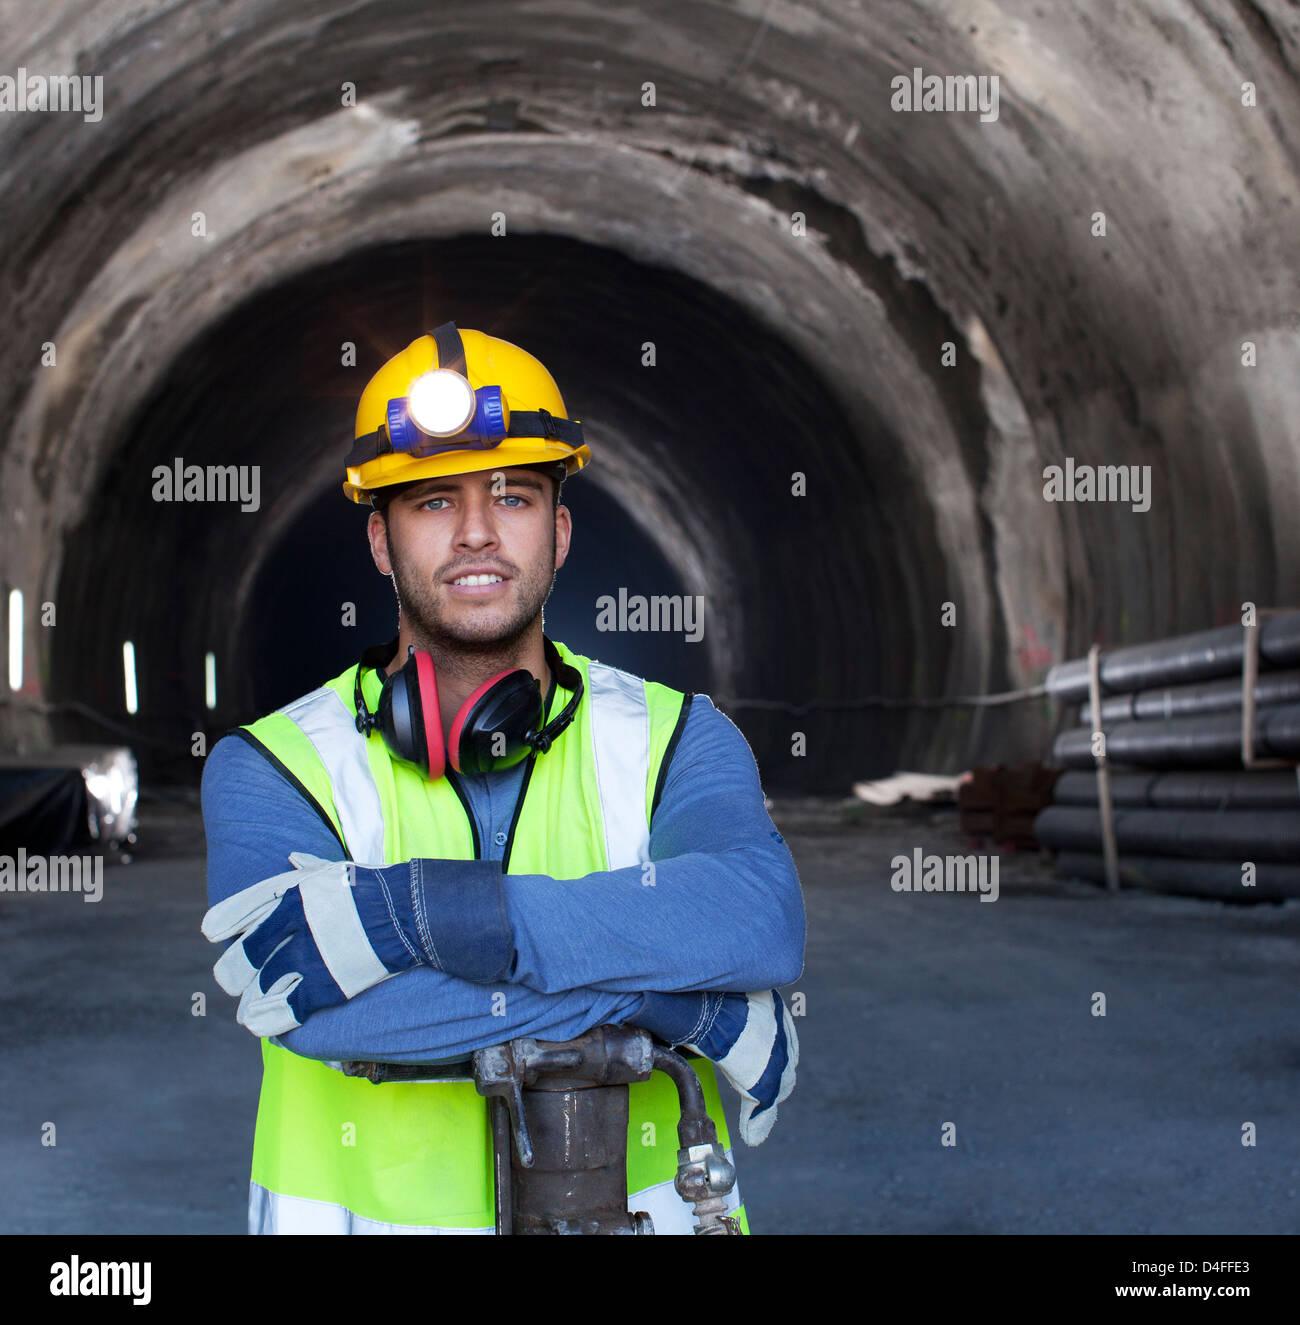 Arbeiter im Tunnel stehen Stockfoto